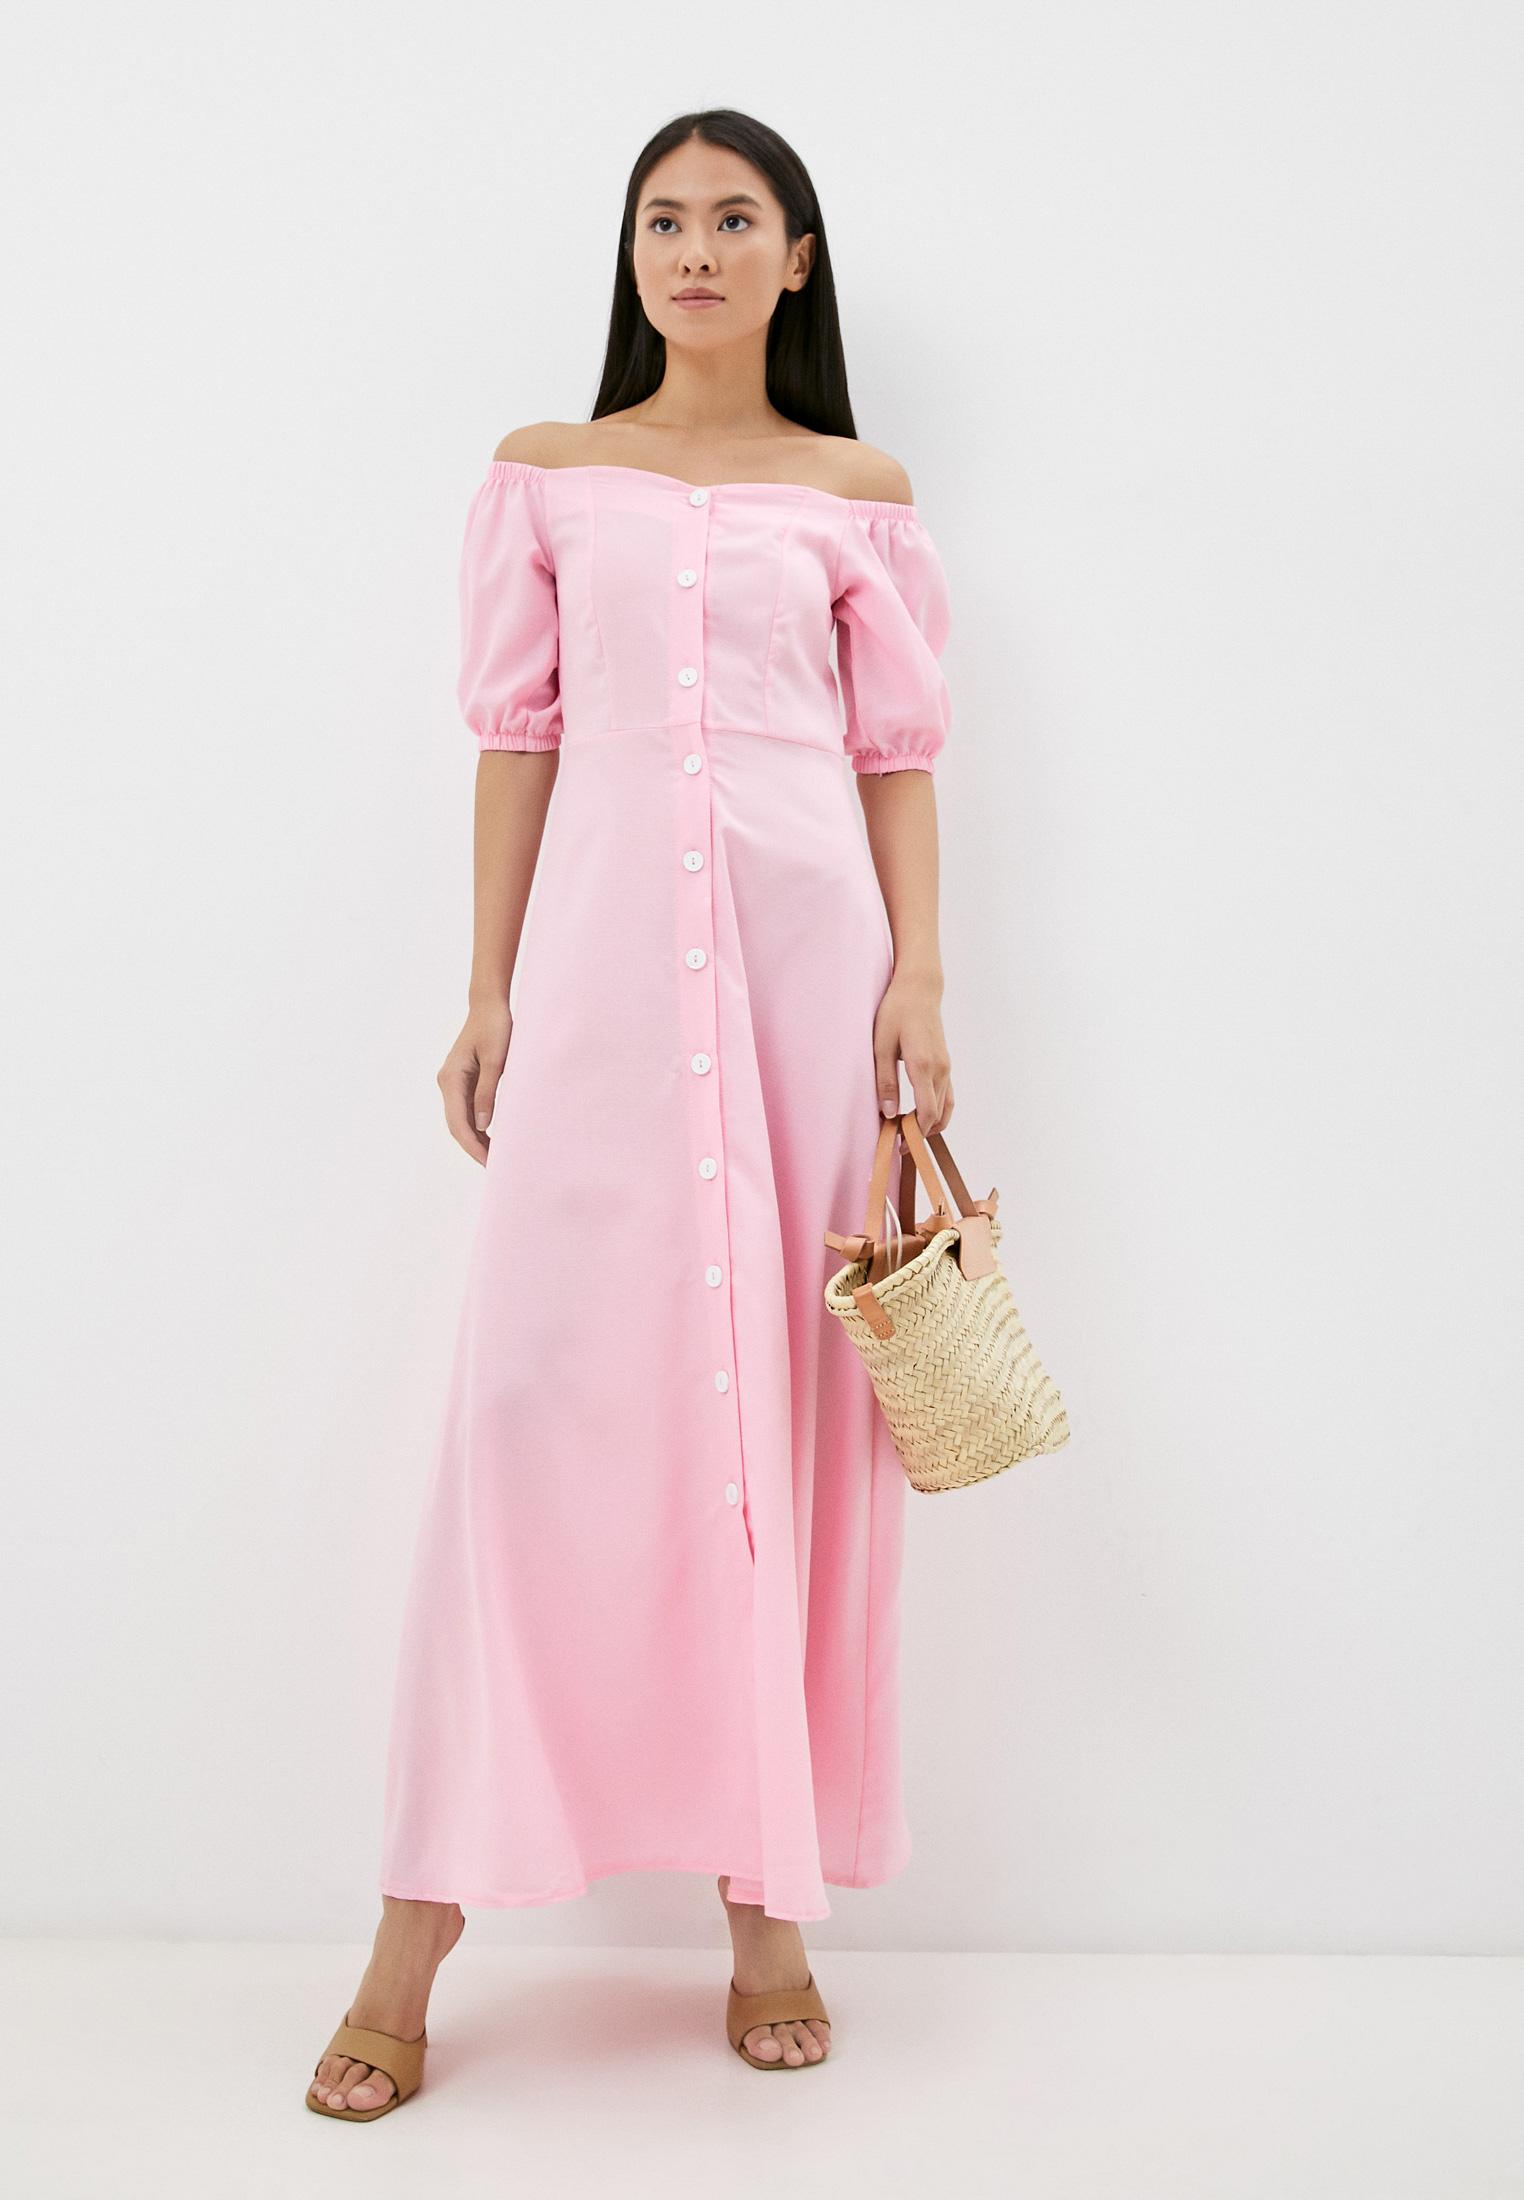 Платье Pink Orange PO21-0313-2390-1